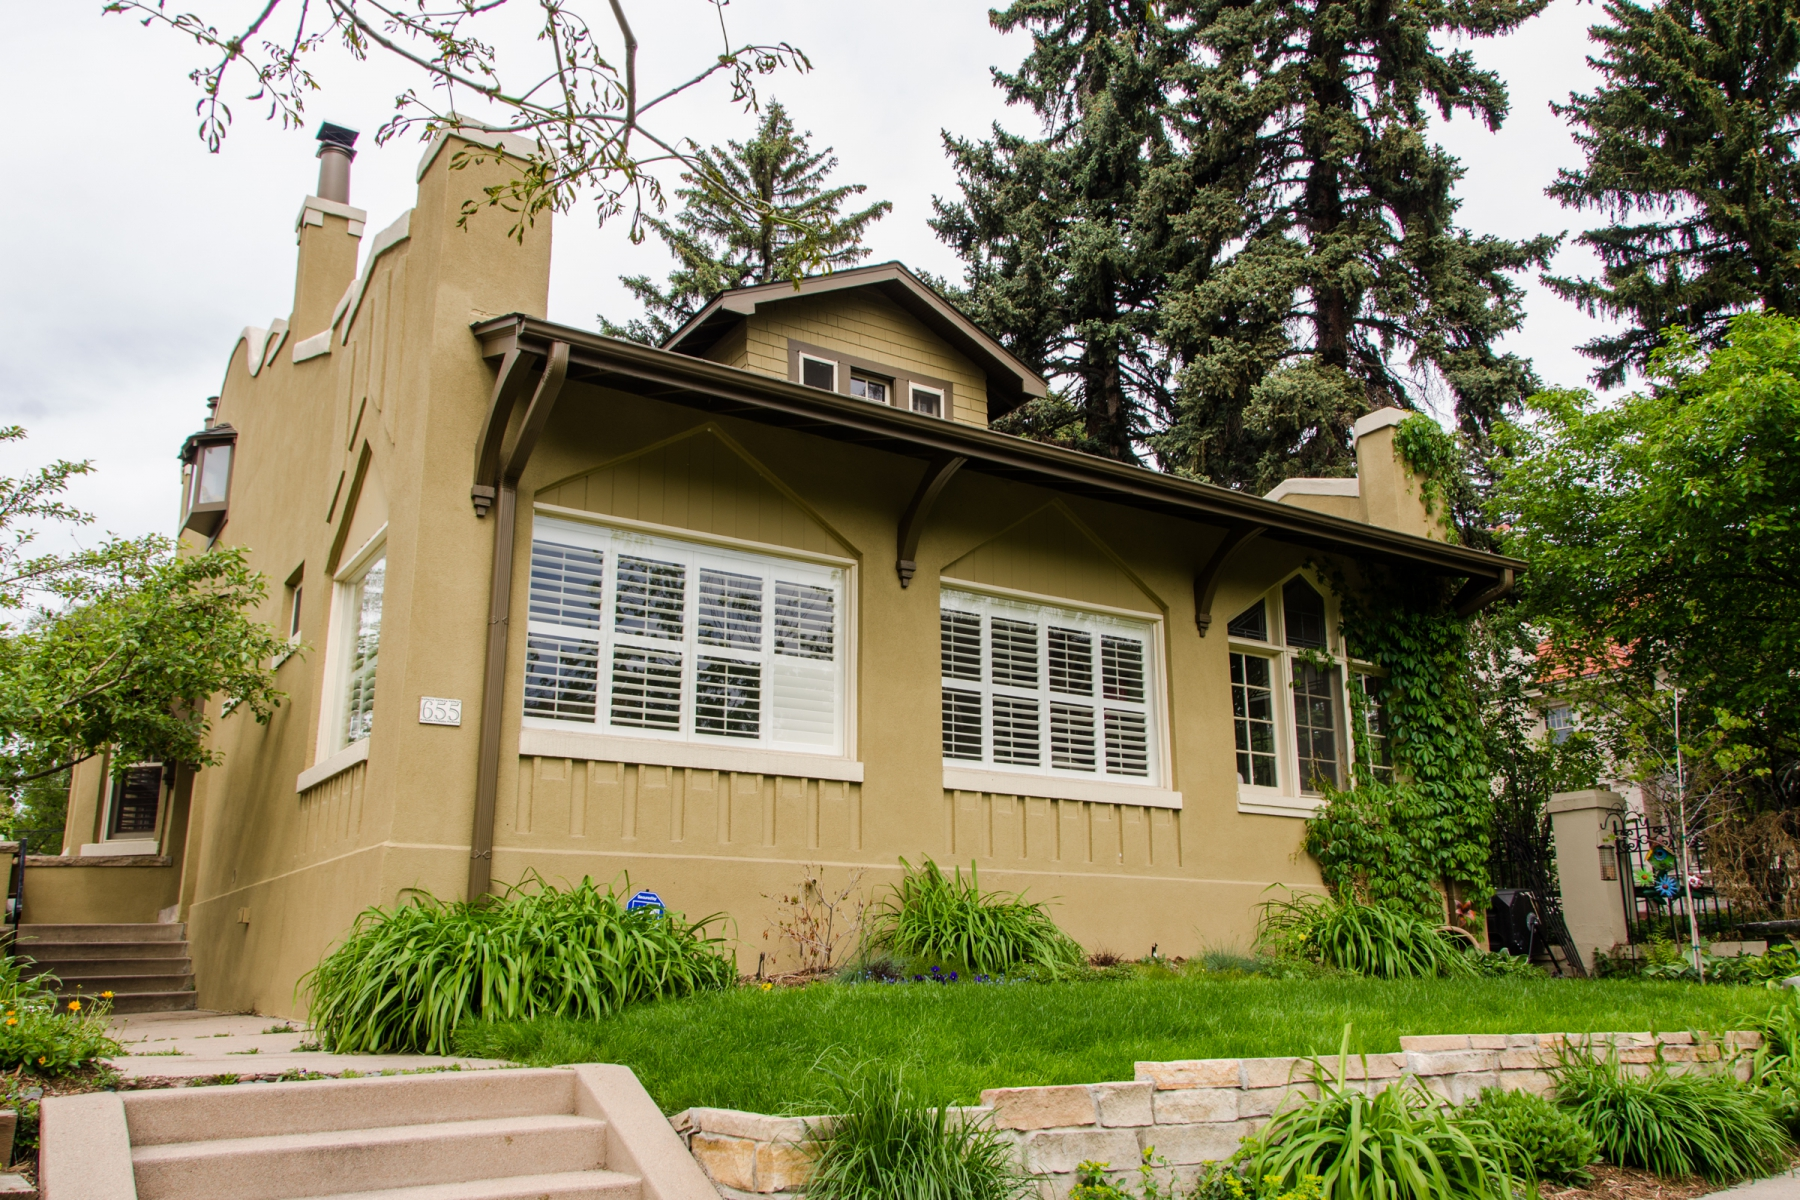 Maison unifamiliale pour l Vente à Very cool exterior look with and amazing entry 655 N Ogden St Denver, Colorado 80218 États-Unis